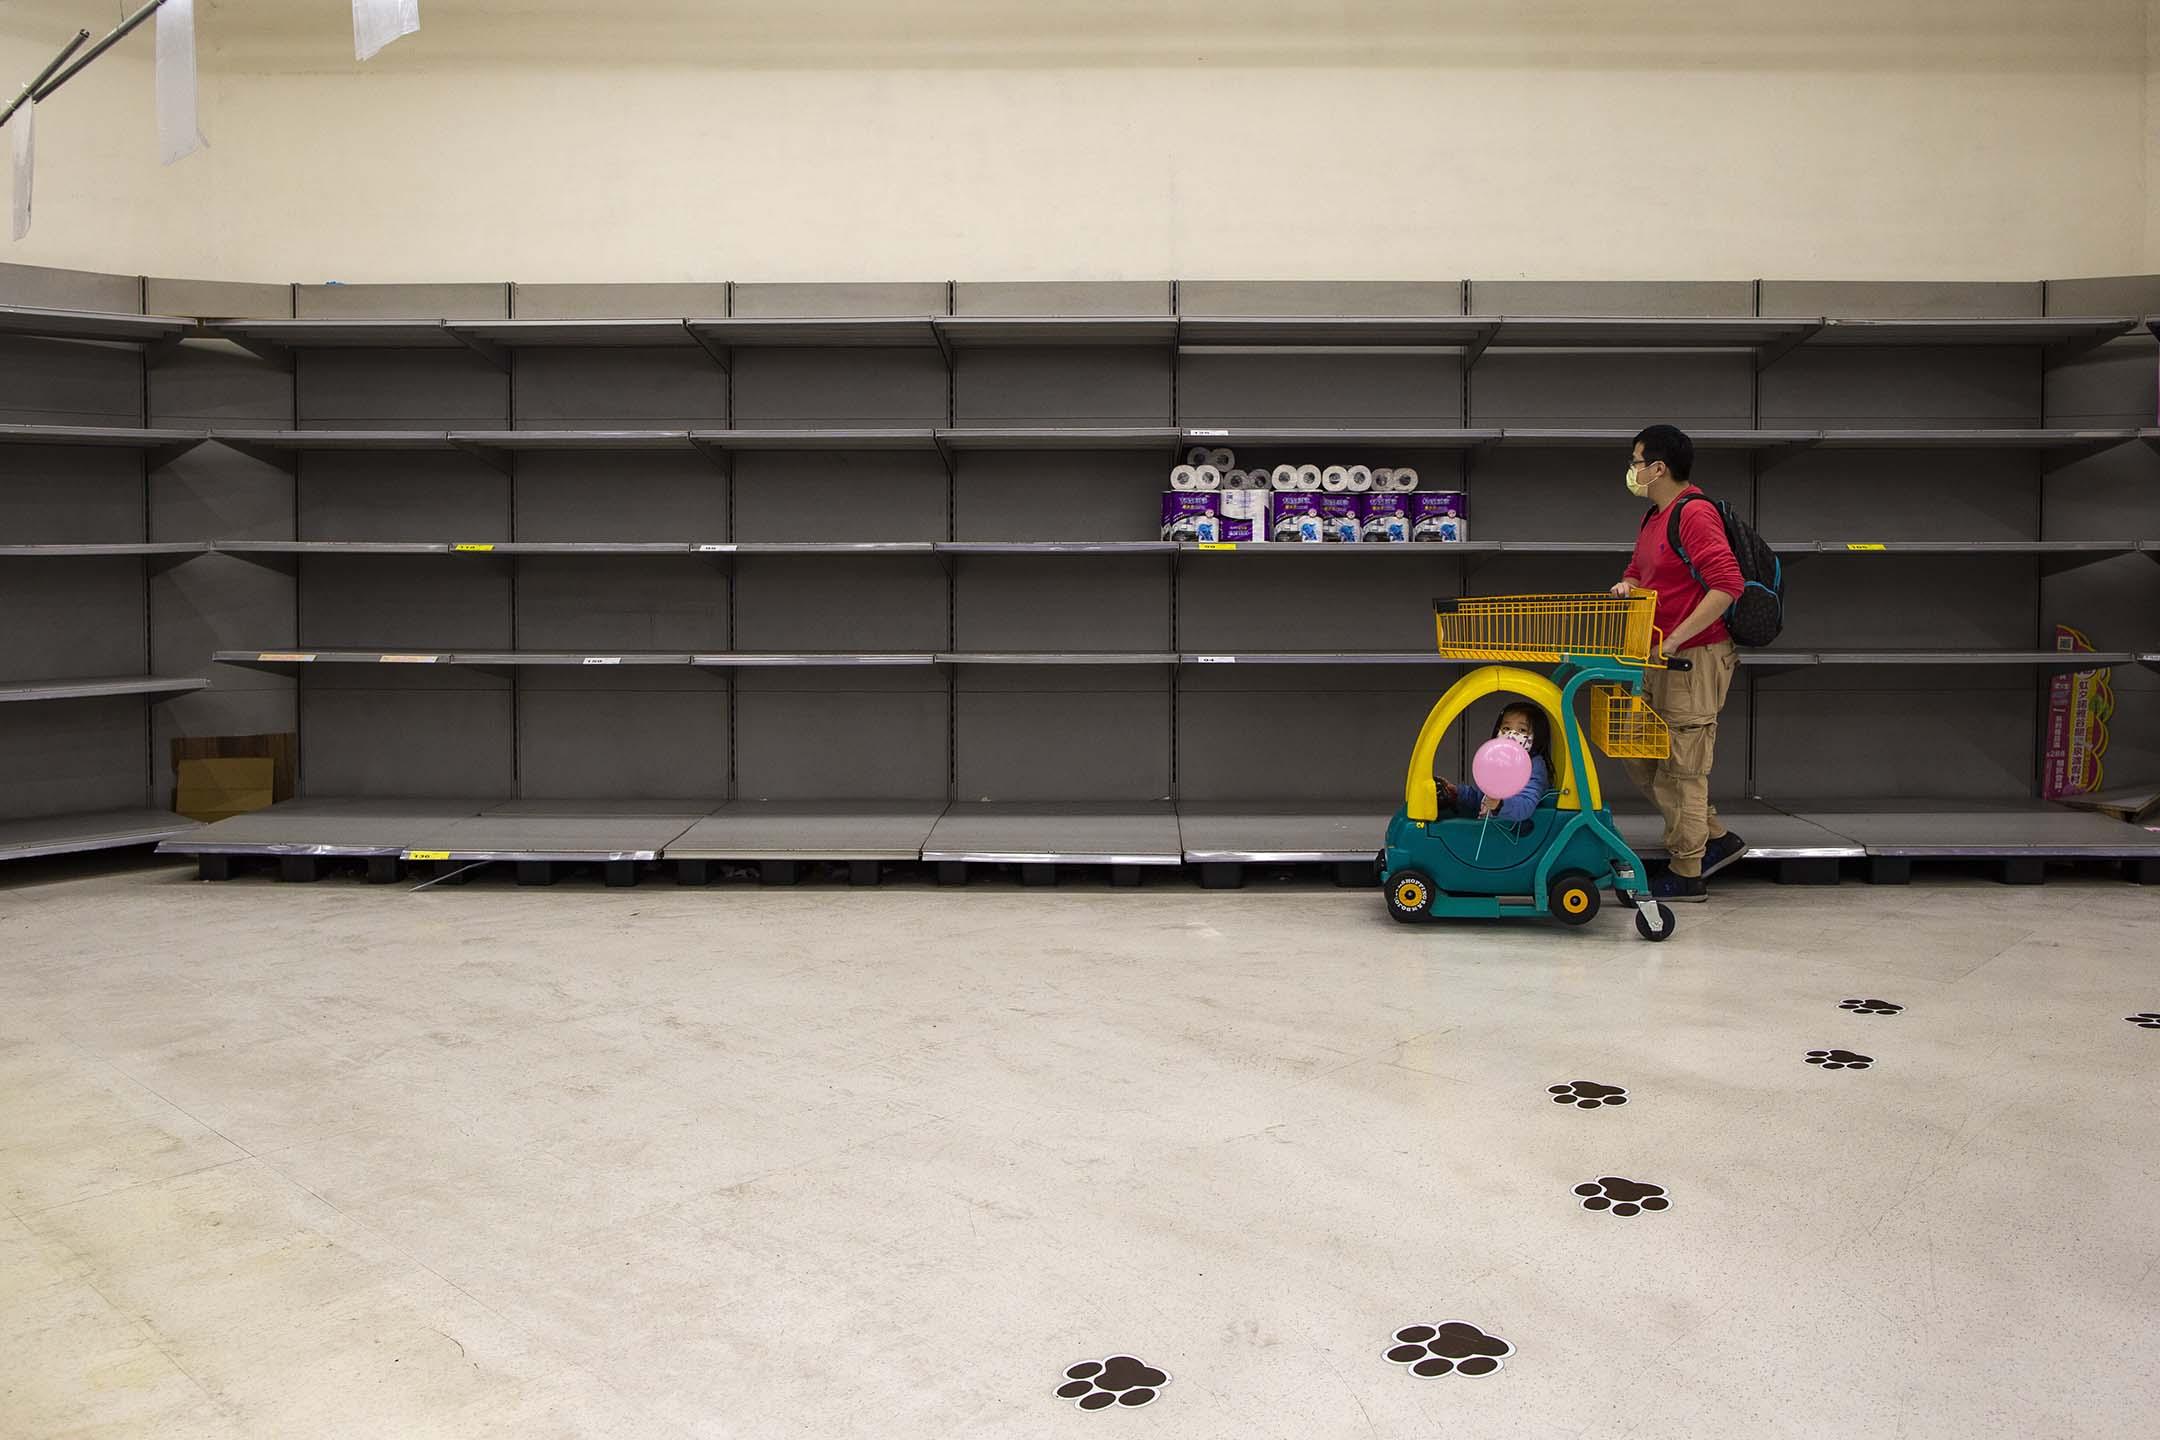 2020年3月19日新北,由於2019冠狀病毒的恐慌,市民到超級市場搶購廁紙食物。